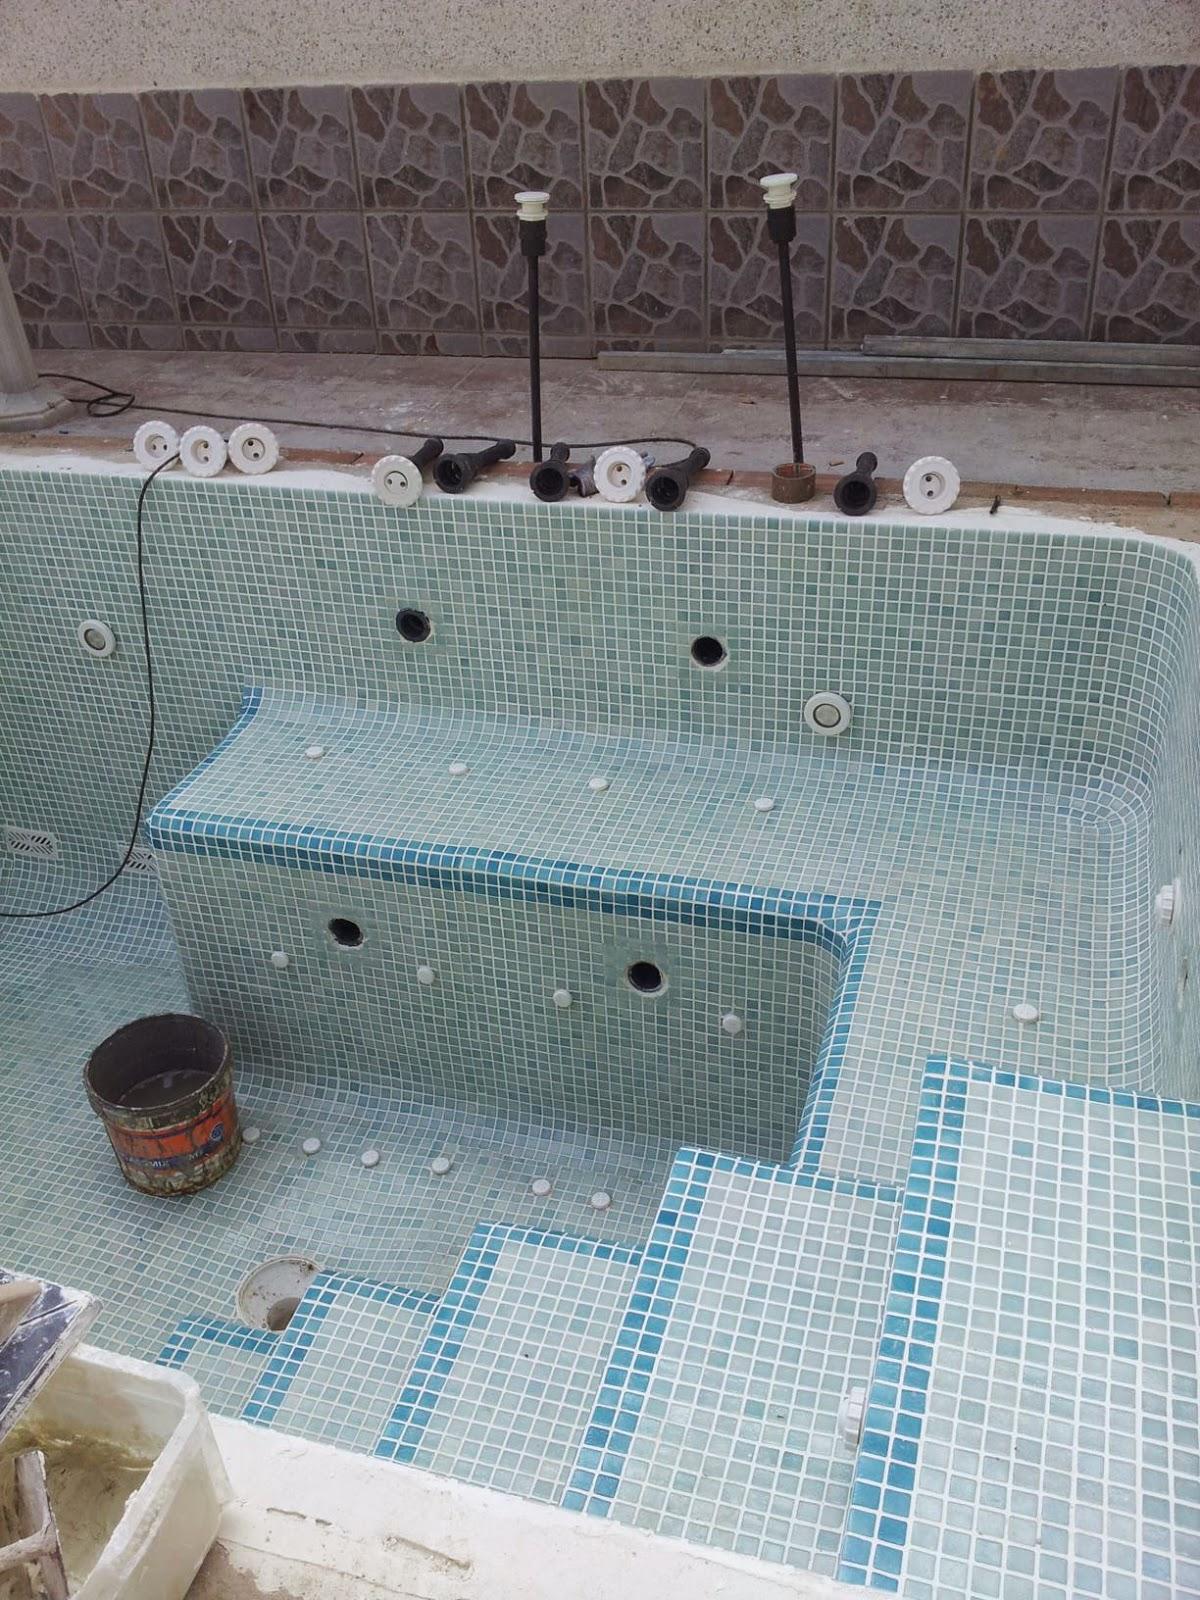 Construcci n reparacion y mantenimientos de piscinas for Modelos de jacuzzi en concreto